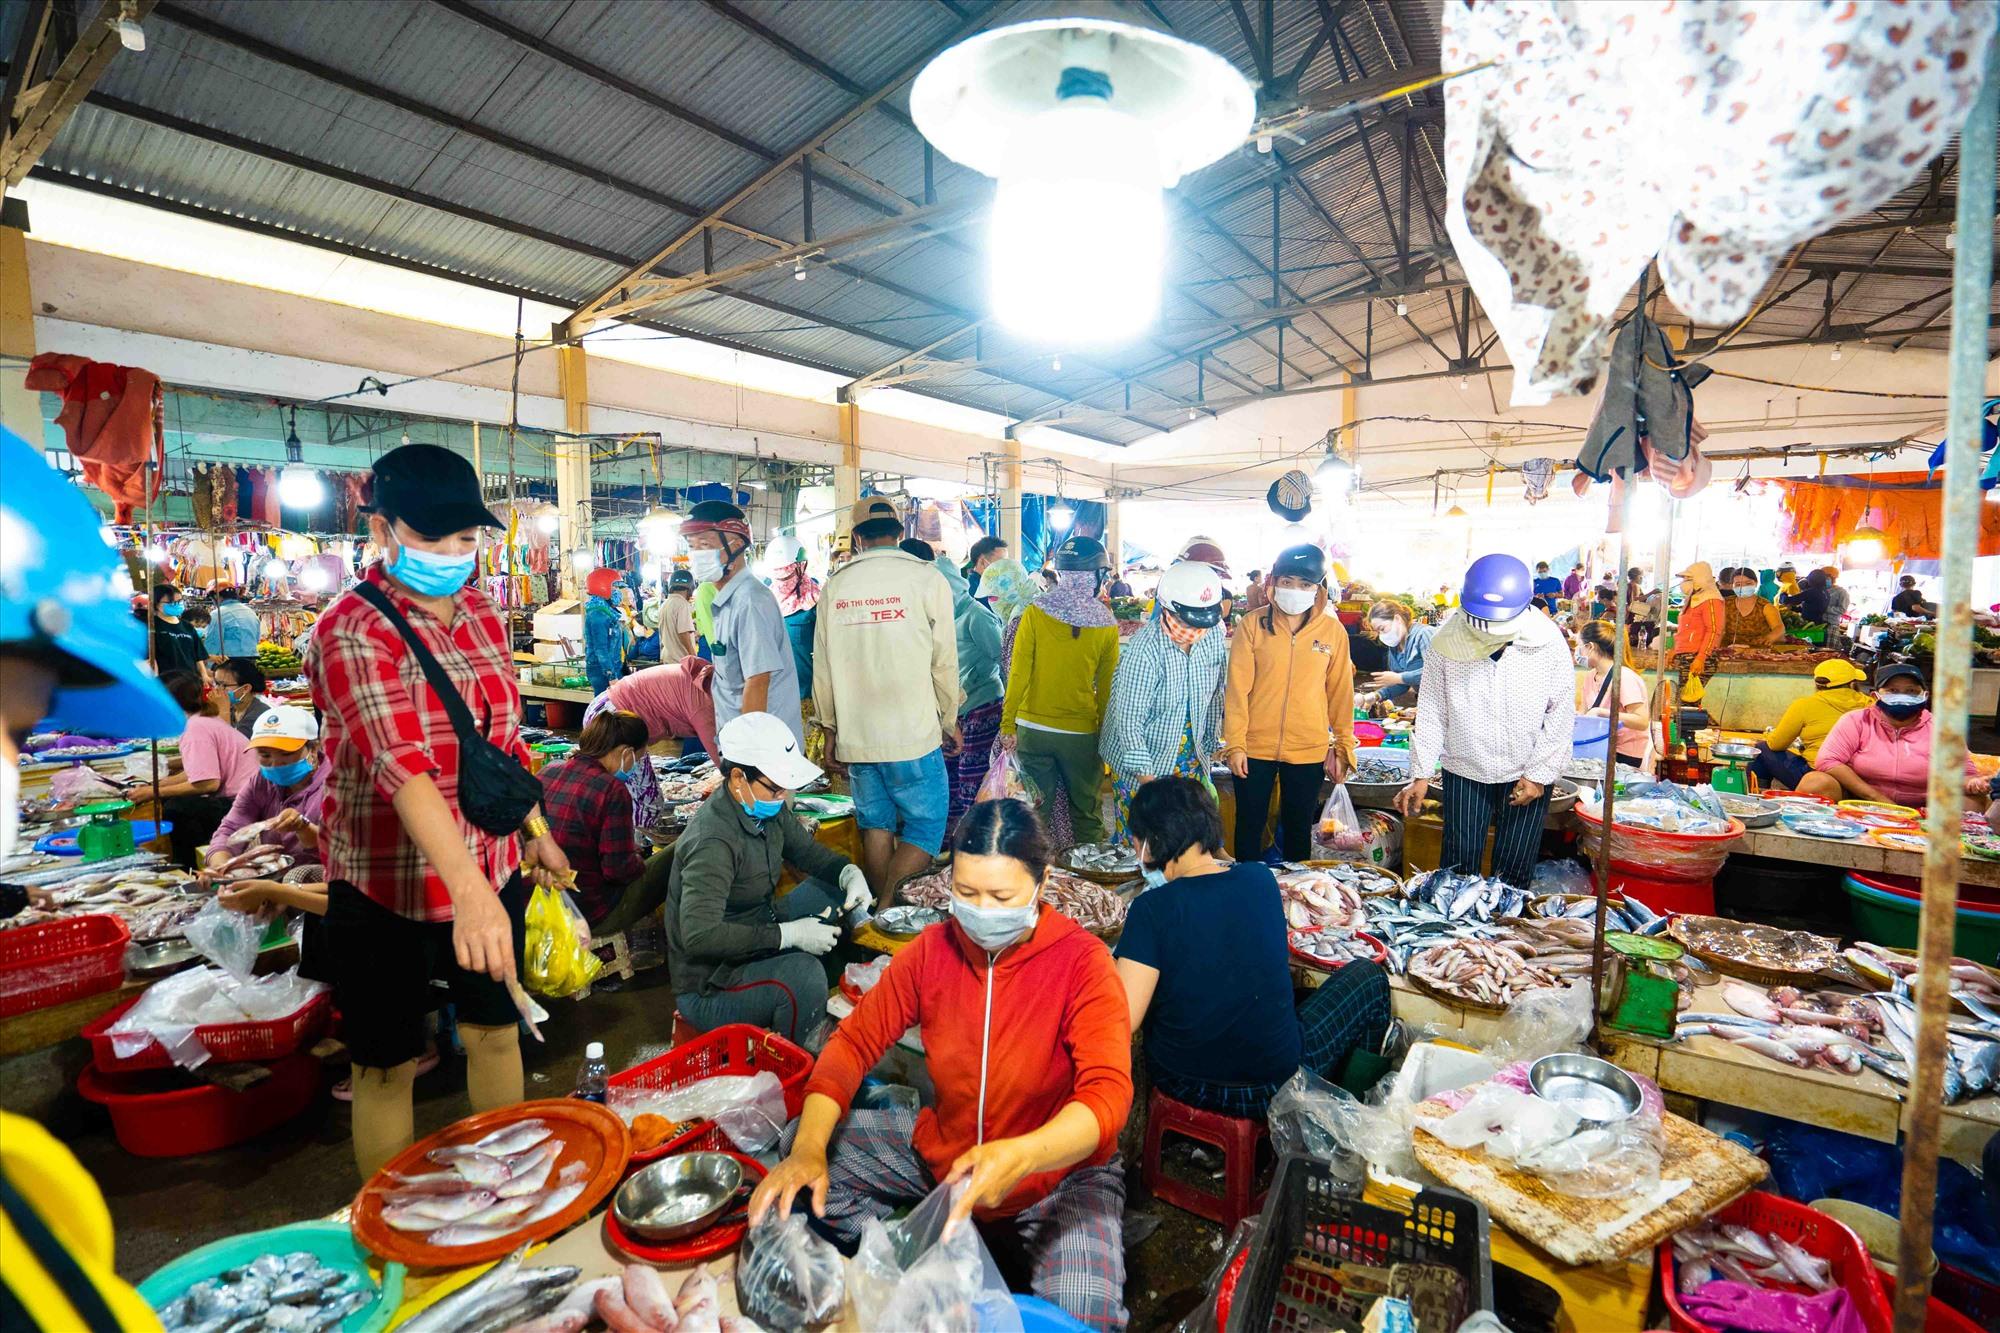 Khu chợ với hơn 2.000 tiểu thương buôn bán ổn định.